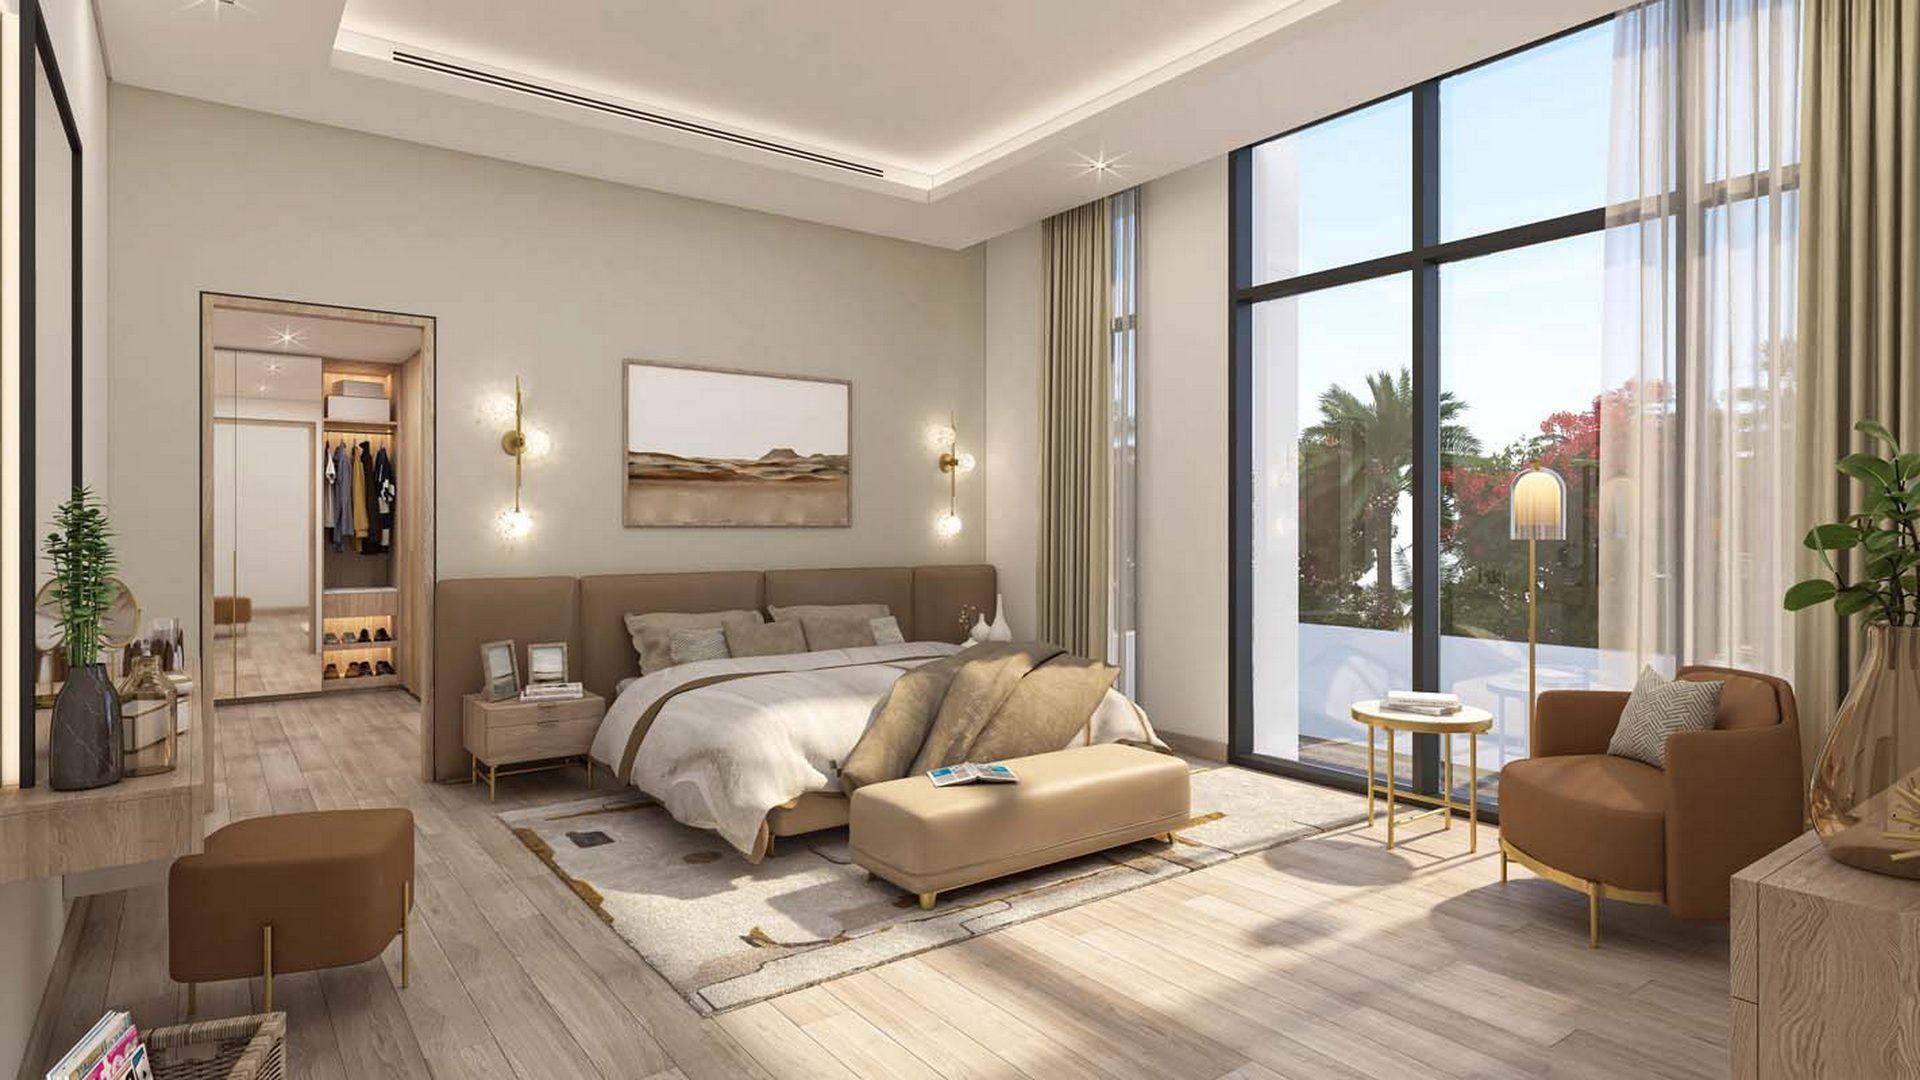 Adosado en venta en Dubai, EAU, 3 dormitorios, 278 m2, № 24531 – foto 7